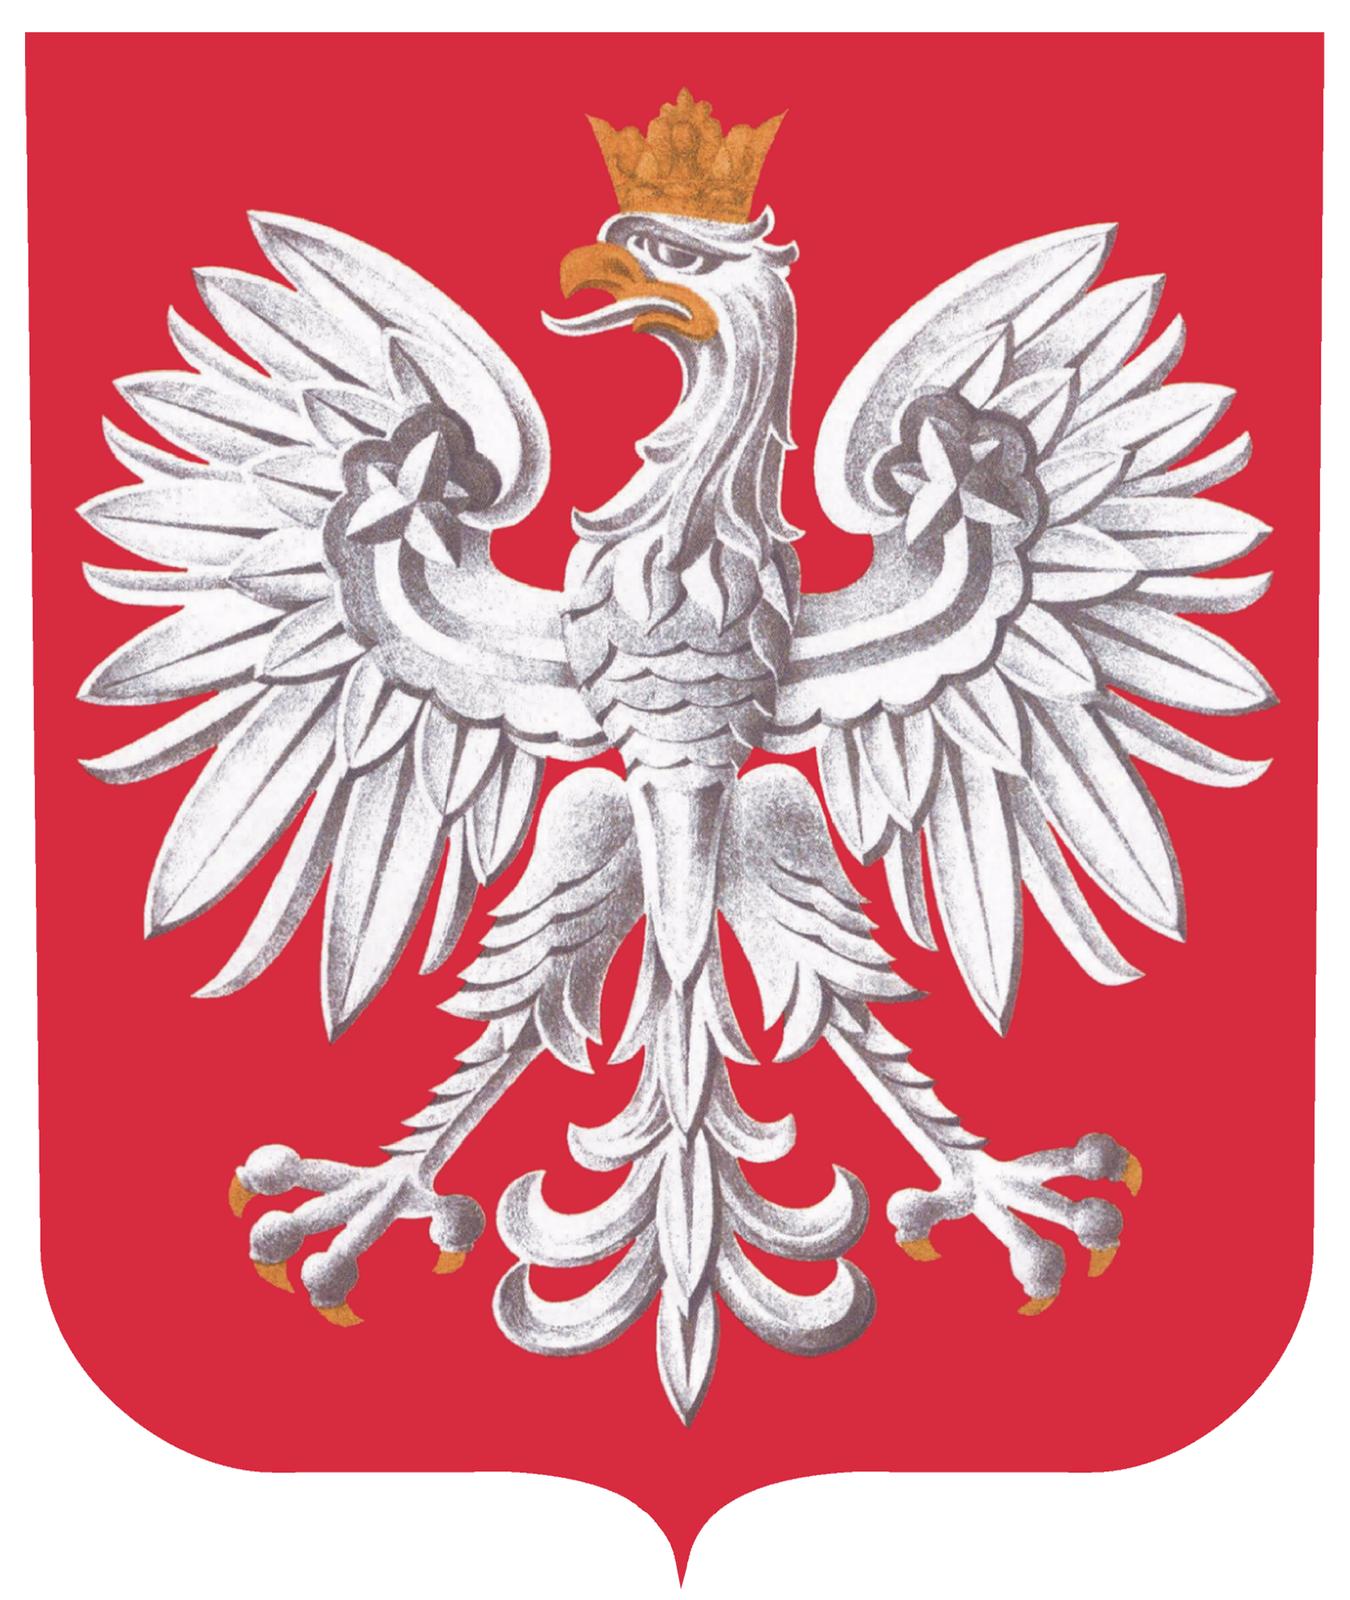 Galeria składa się z3 zdjęć. Każde zdjęcie to symbol Polski. Zdjęcie nr 1 przedstawia Godło Polski. Biały orzeł zrozpostartymi skrzydłami. Głowa orła skierowana wprawo. Ostry dziób wkolorze złotym. Na głowie orła złota korona. Orzeł umieszczony na czerwonej tarczy. Zdjęcie nr 2 przedstawia biało-czerwoną flagę Polski. Na górze poziomy pas biały, na dole pas czerwony. Zdjęcie nr 3 przedstawia rękopis Hymnu Polski.